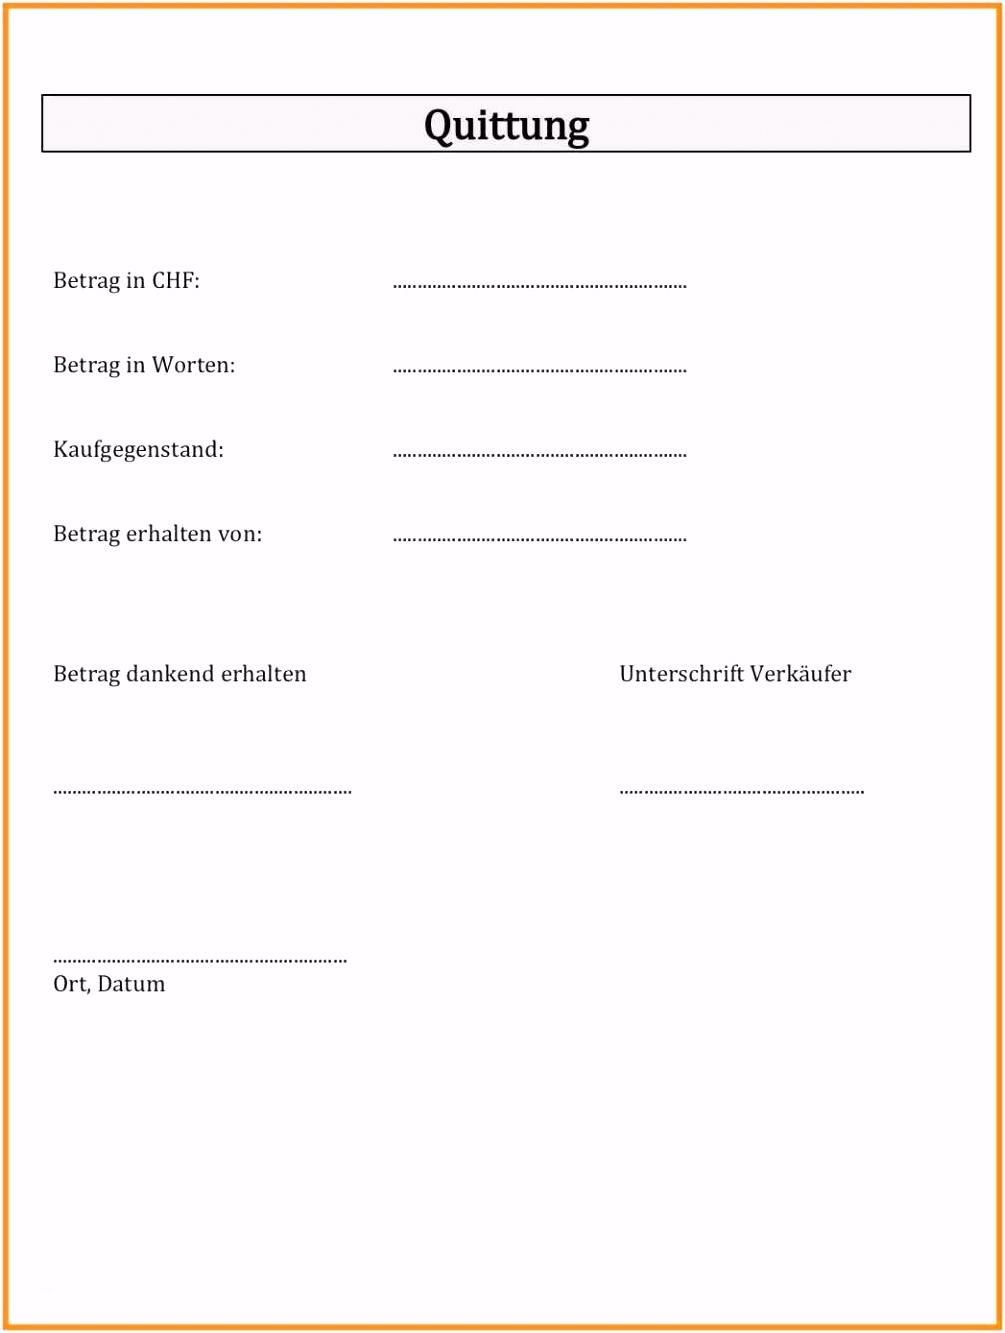 Sepa Lastschrift Vorlage Neu Quittung Vorlage Pdf Vorlage Muster